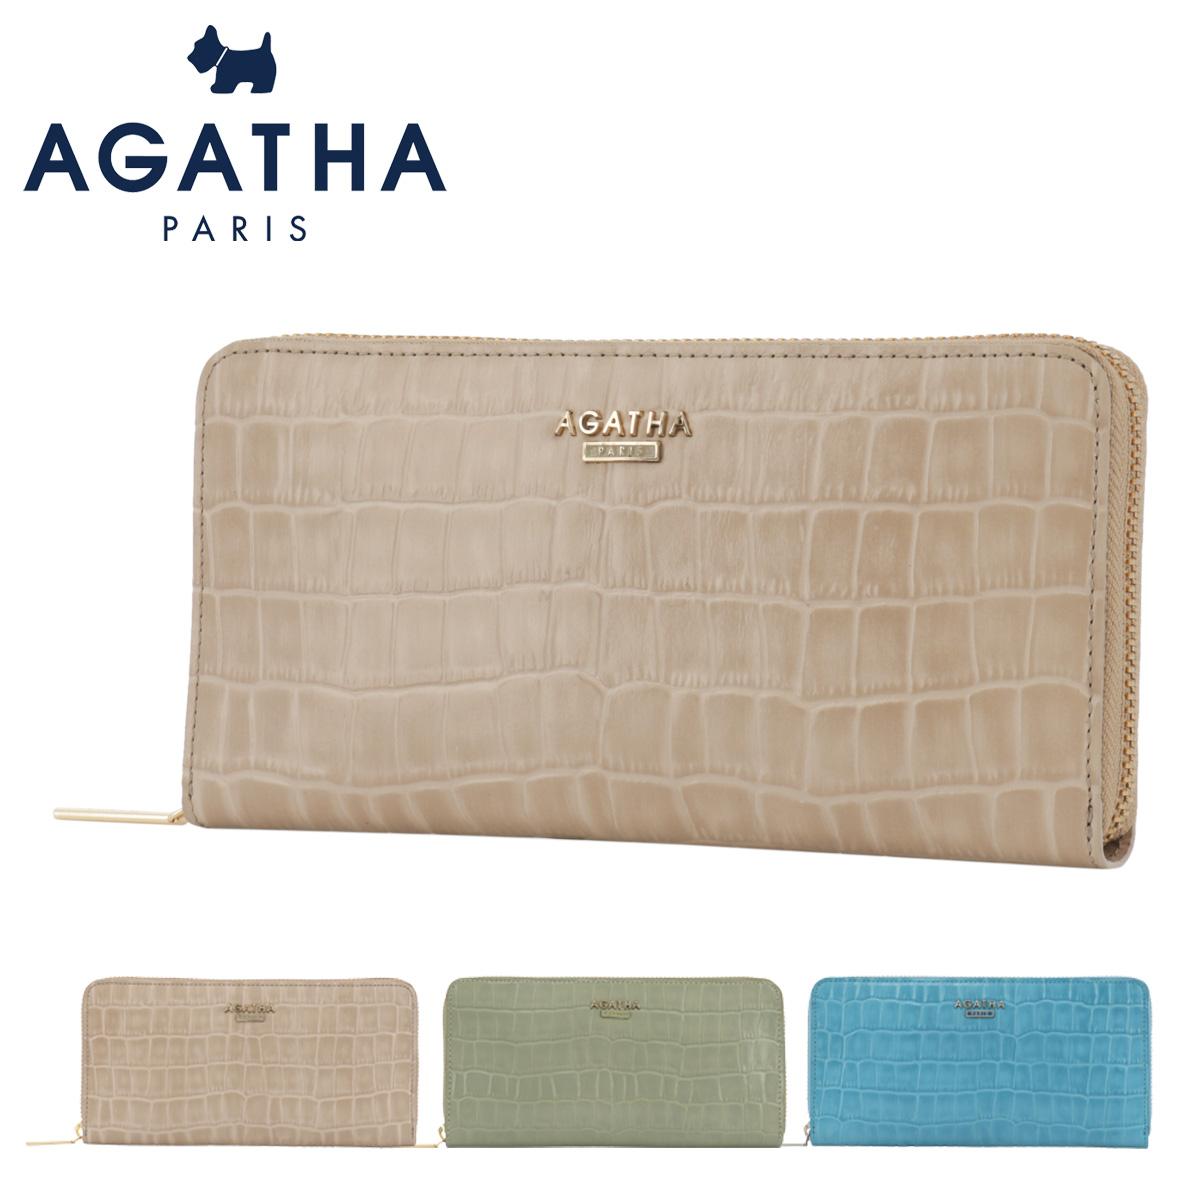 アガタ パリ 長財布 ラウンドファスナー レオン2 レディース 13068 AGATHA PARIS | 本革 レザー